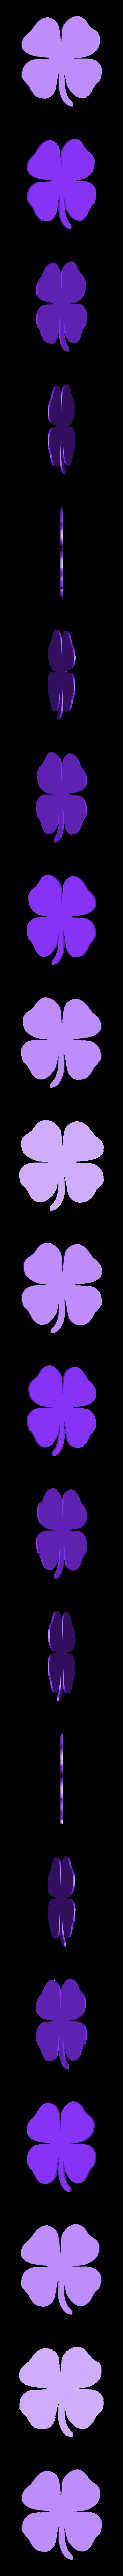 clover-natural-3dprintny.stl Télécharger fichier STL gratuit Trèfle ou trèfle à 4 feuilles? • Modèle à imprimer en 3D, barb_3dprintny